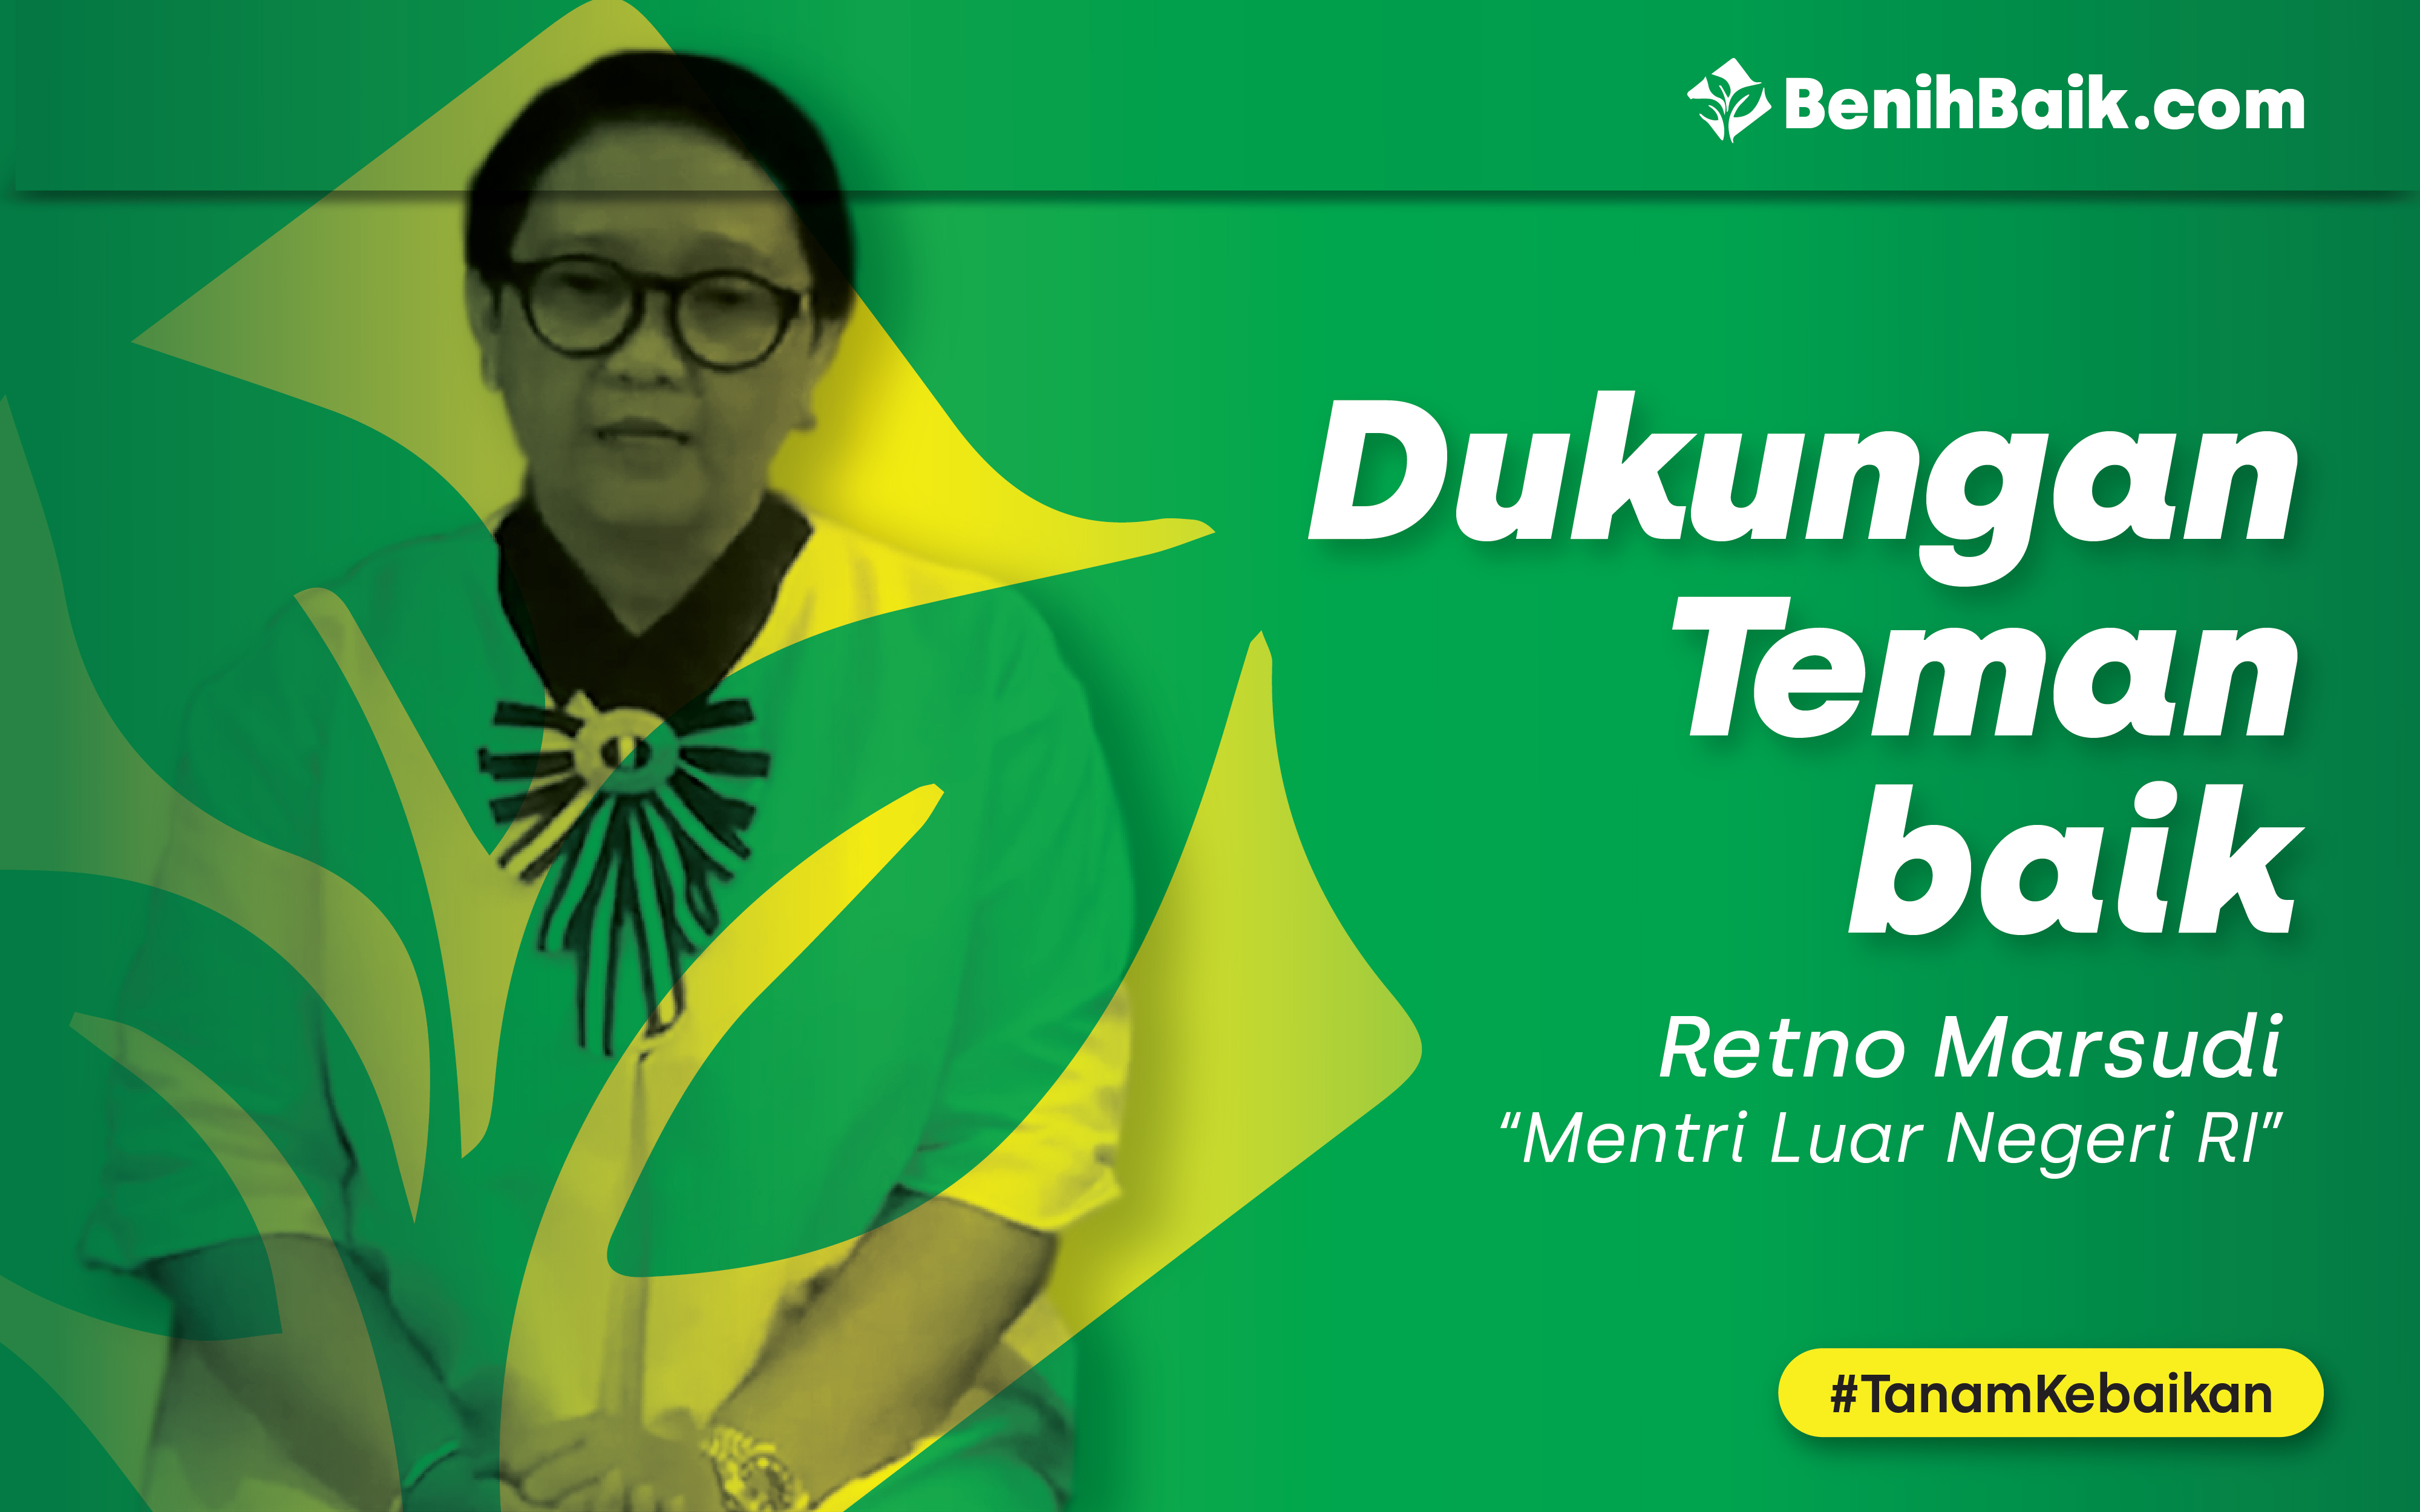 benihbaik_2020-02-25_1582630772_2-03.jpg